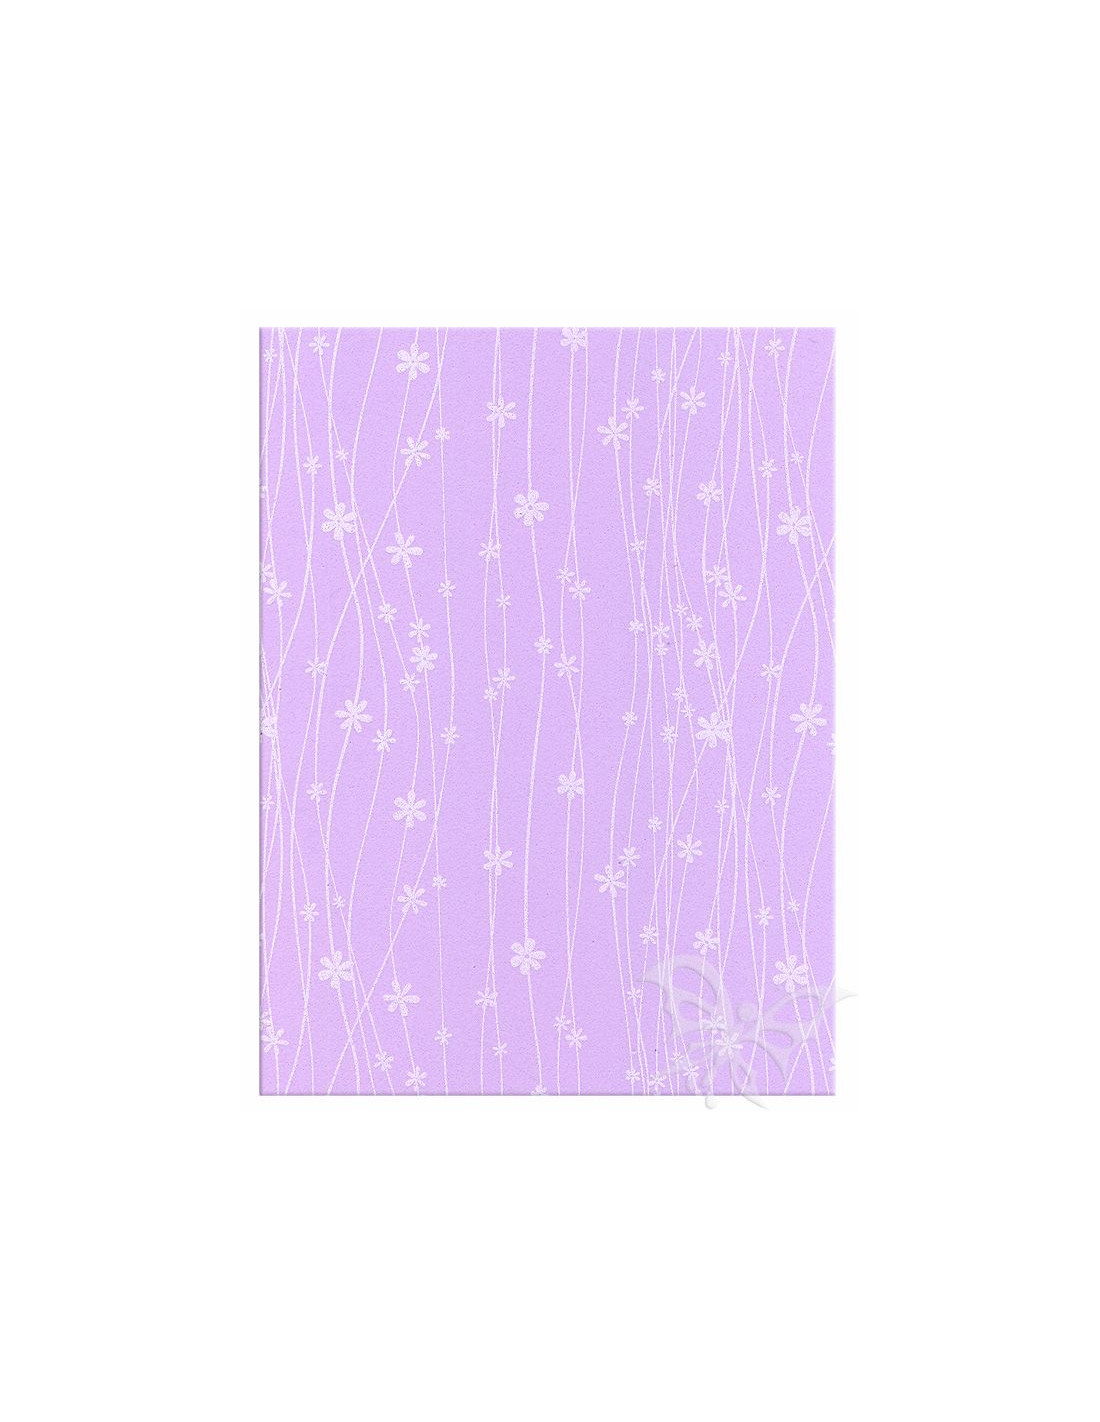 Foglio moosgummi fiori glicine pastello bianco jpg 800x800 Moosgummi 40x60cm 03d19f5c57c